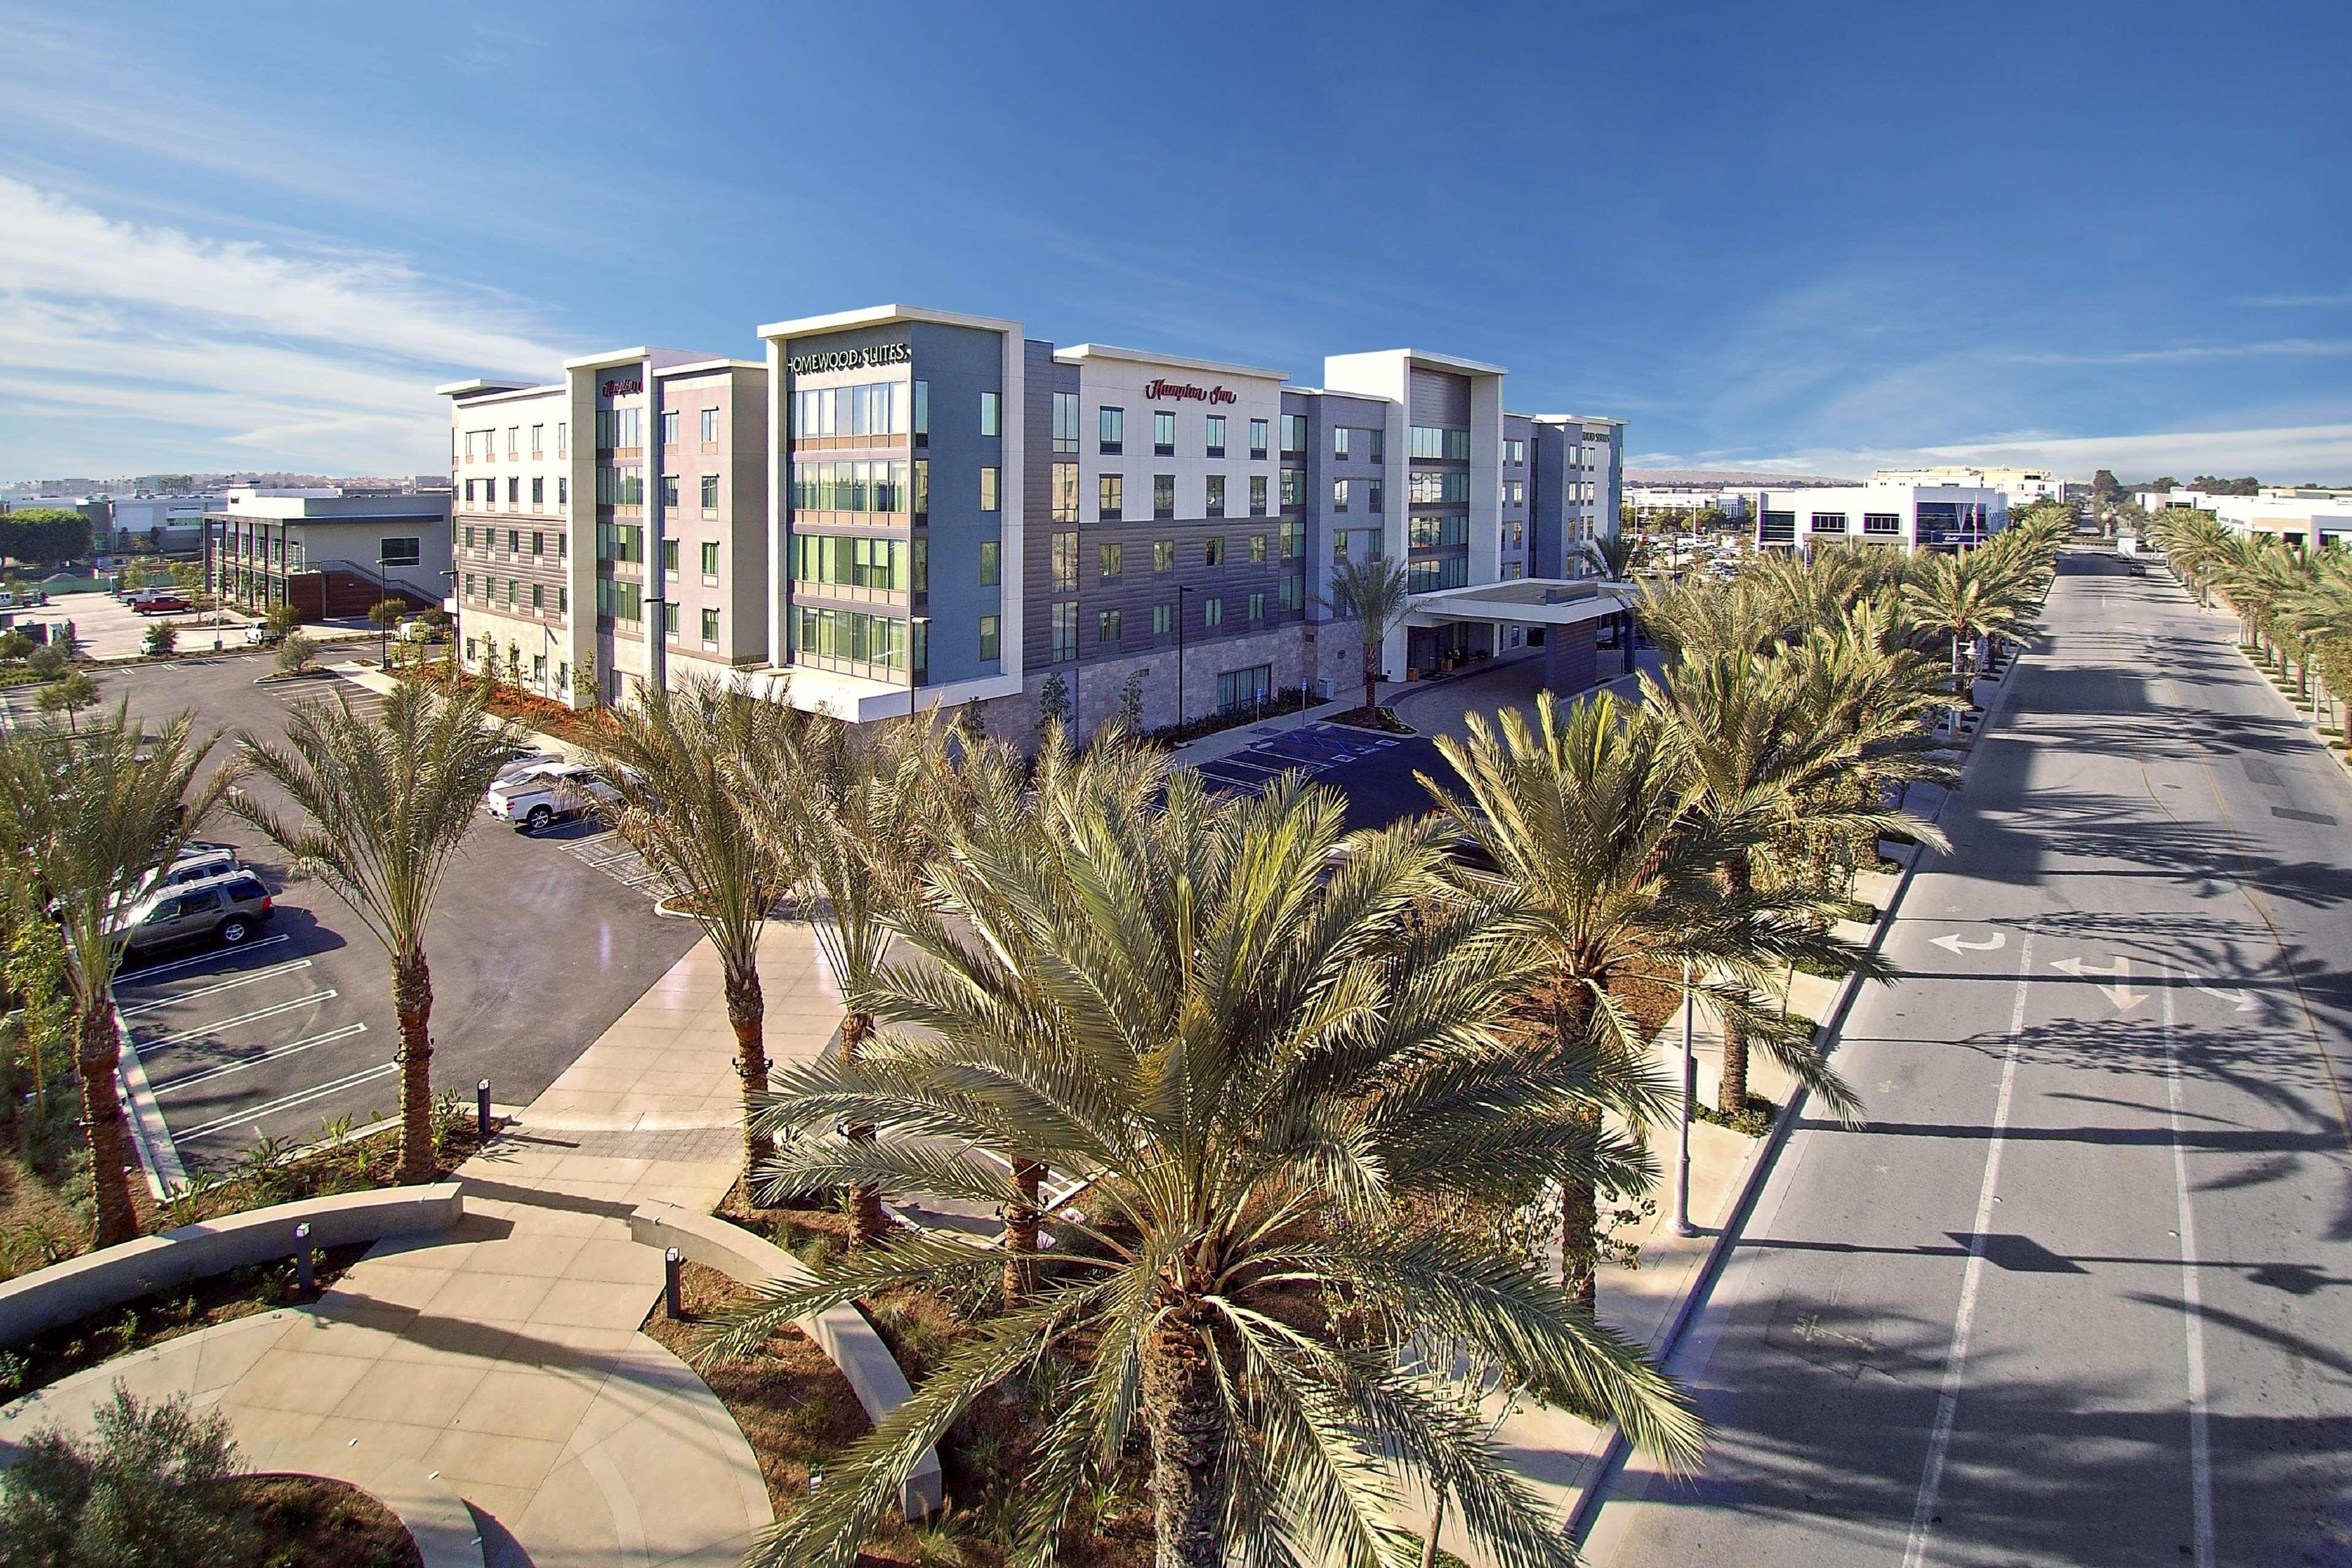 Hampton Inn Long Beach Airport image 6